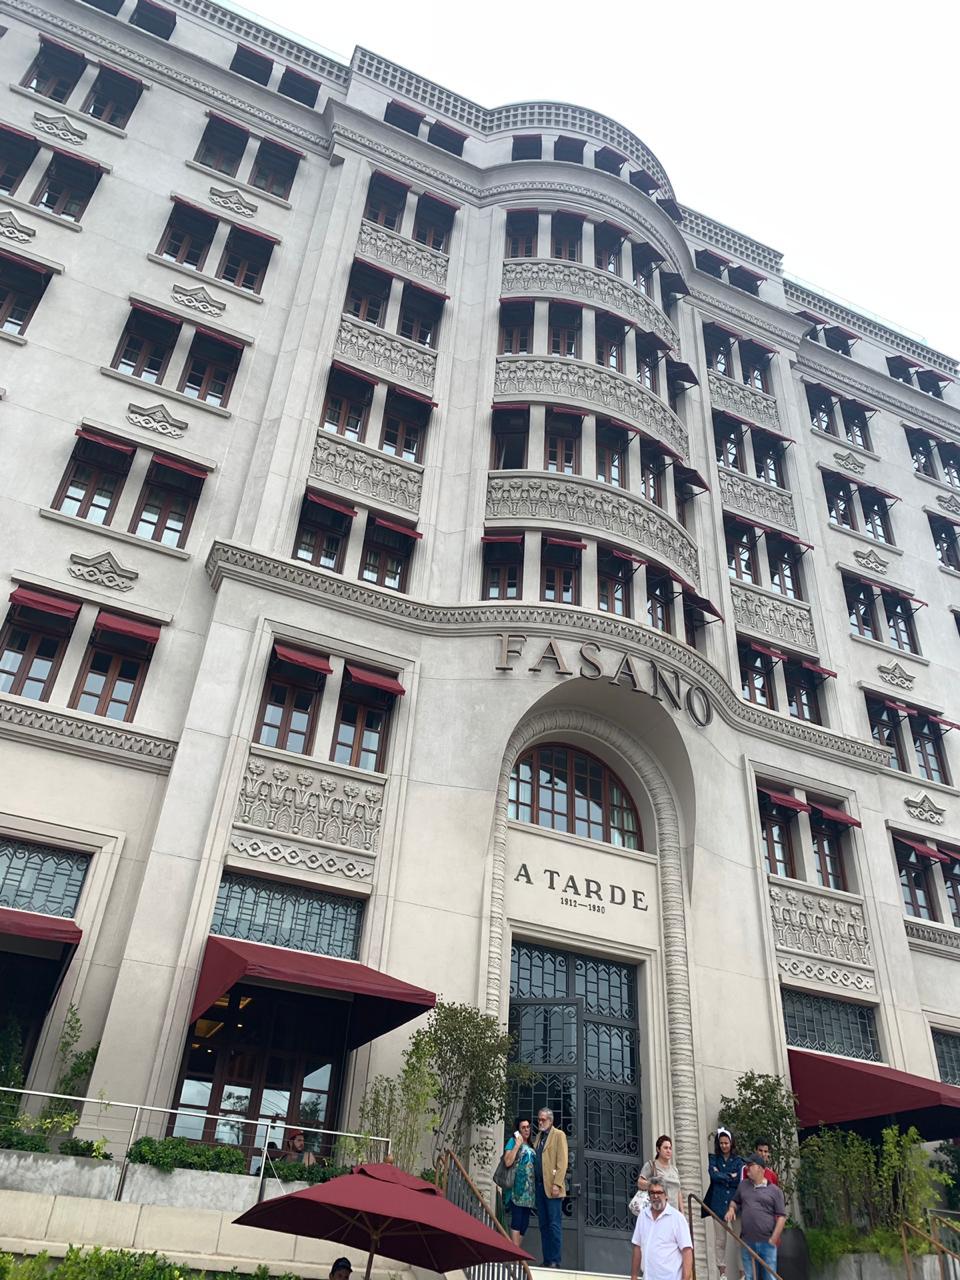 Hotel Fasano Salvador (Foto: Rogério Almeida)